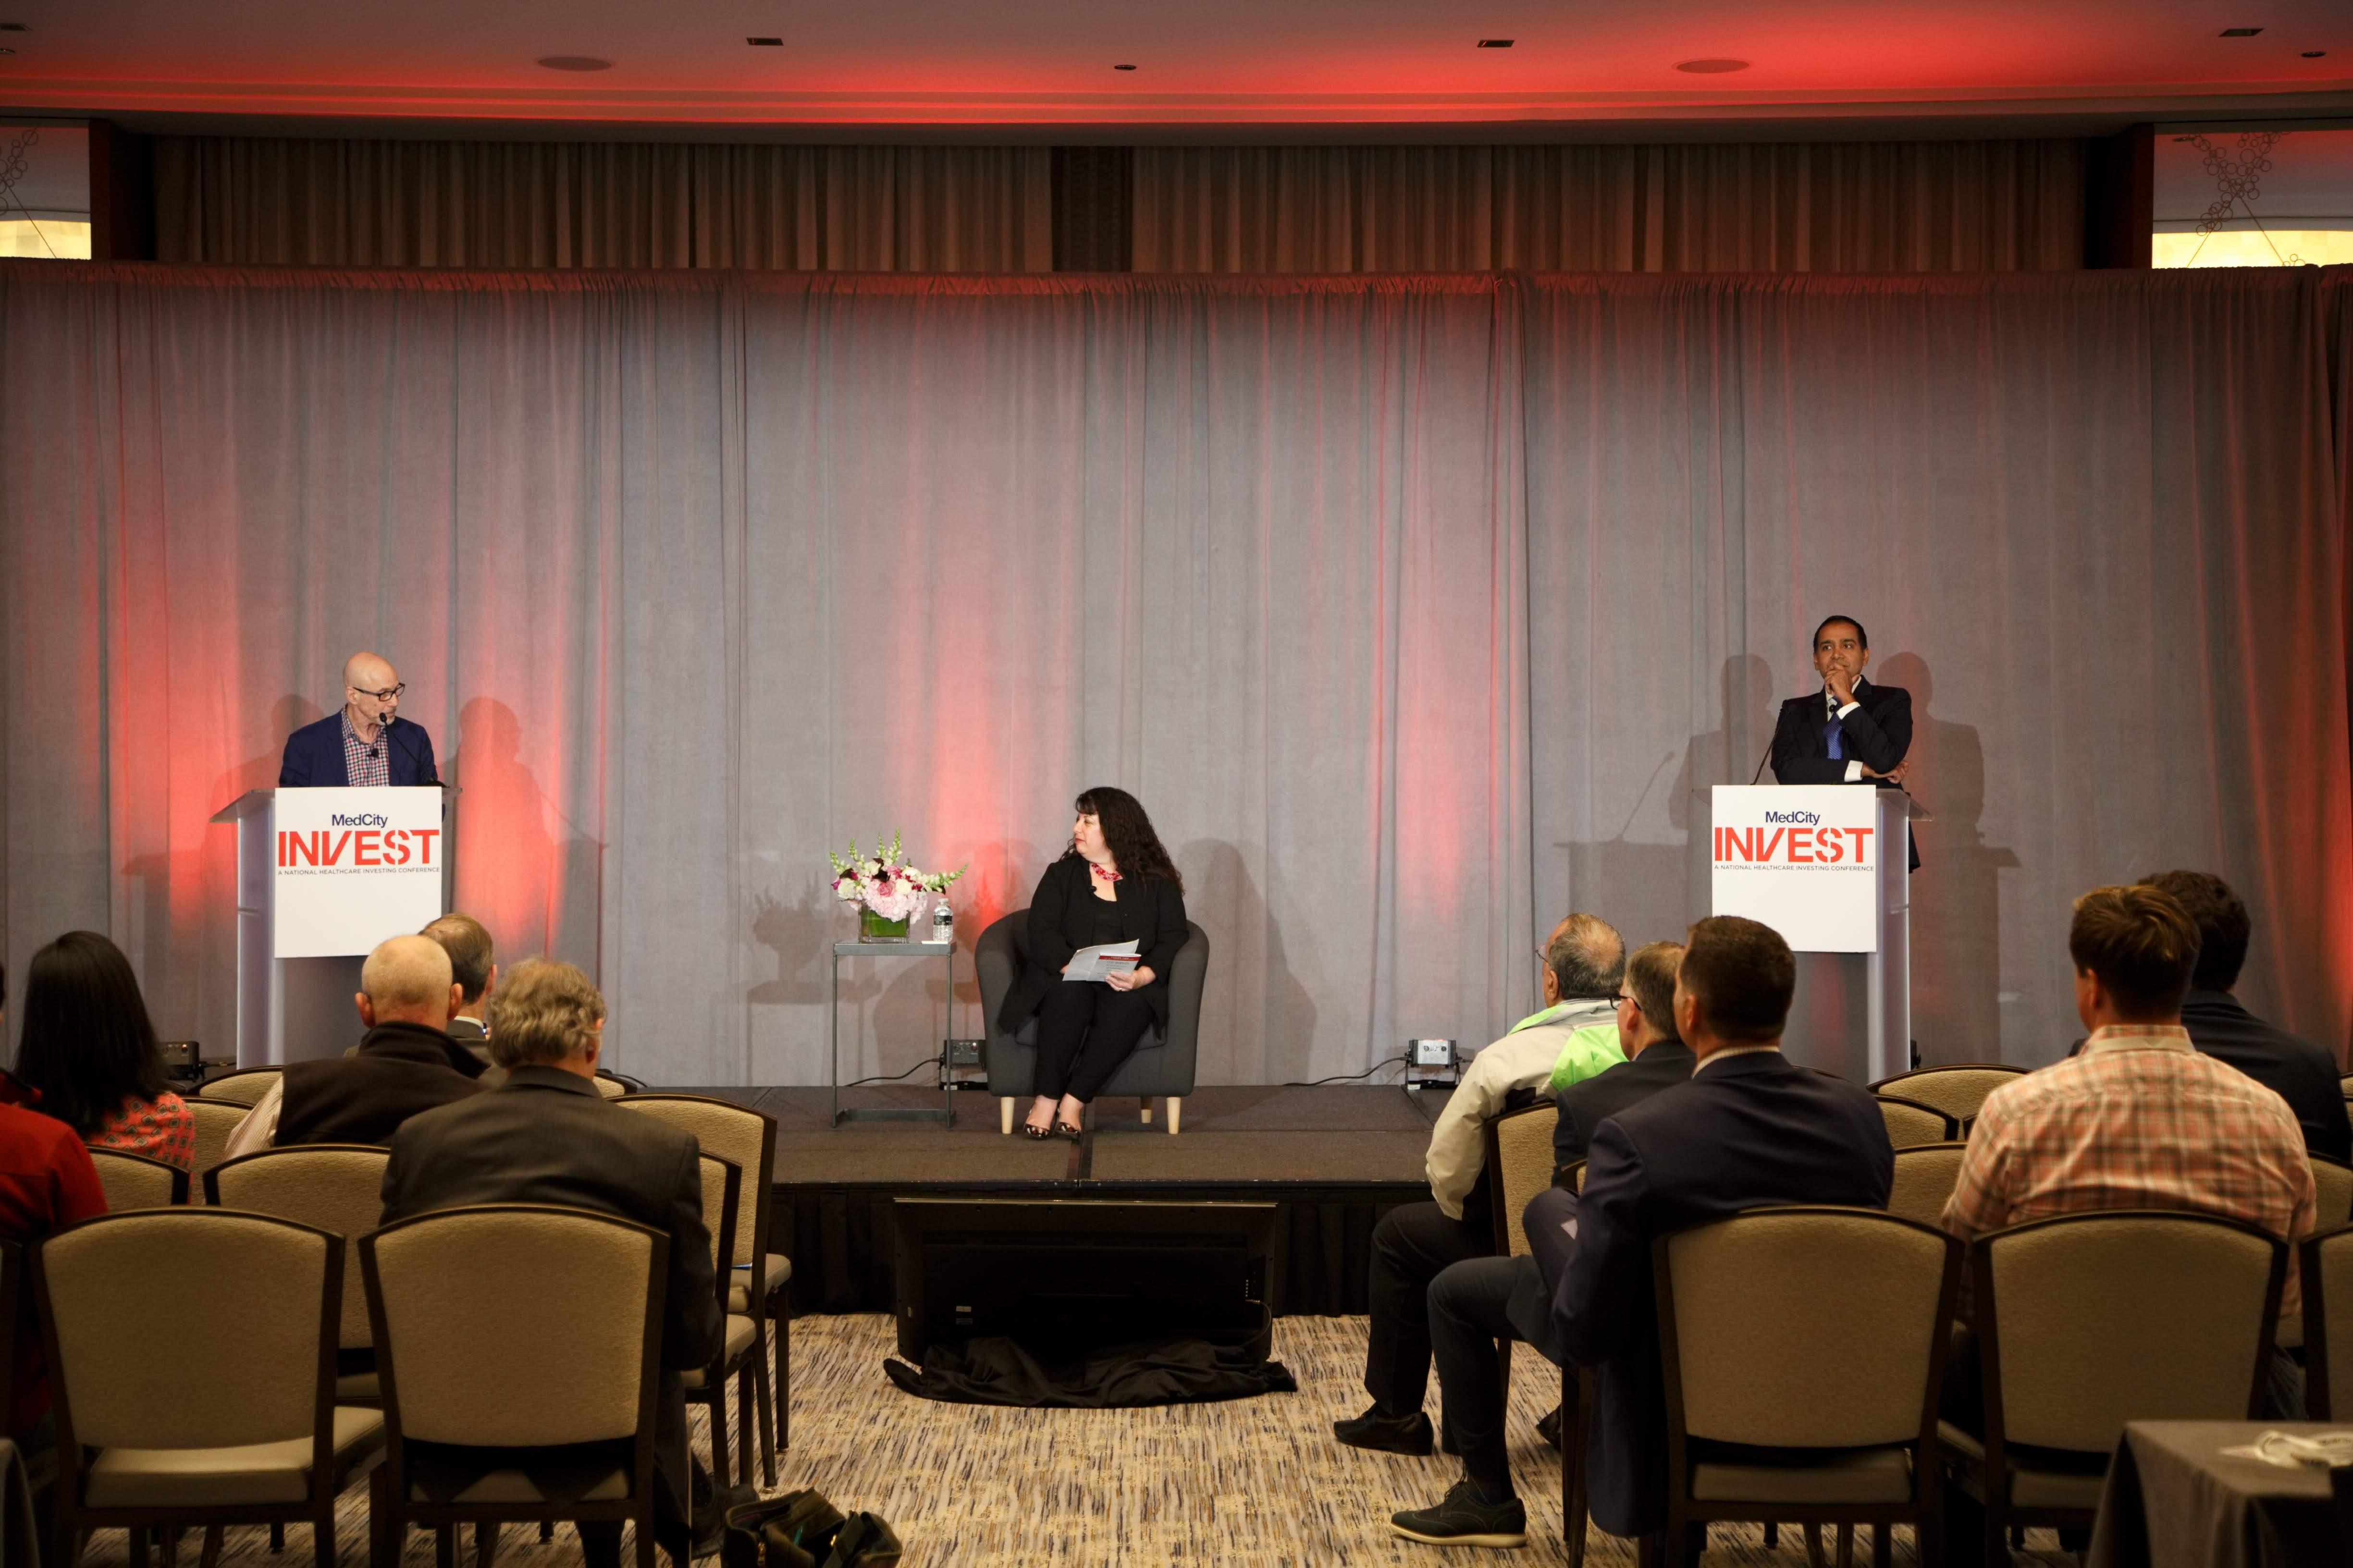 medcitynews.com - Erin Dietsche - Debate: Is the consumerization trend in healthcare overhyped?